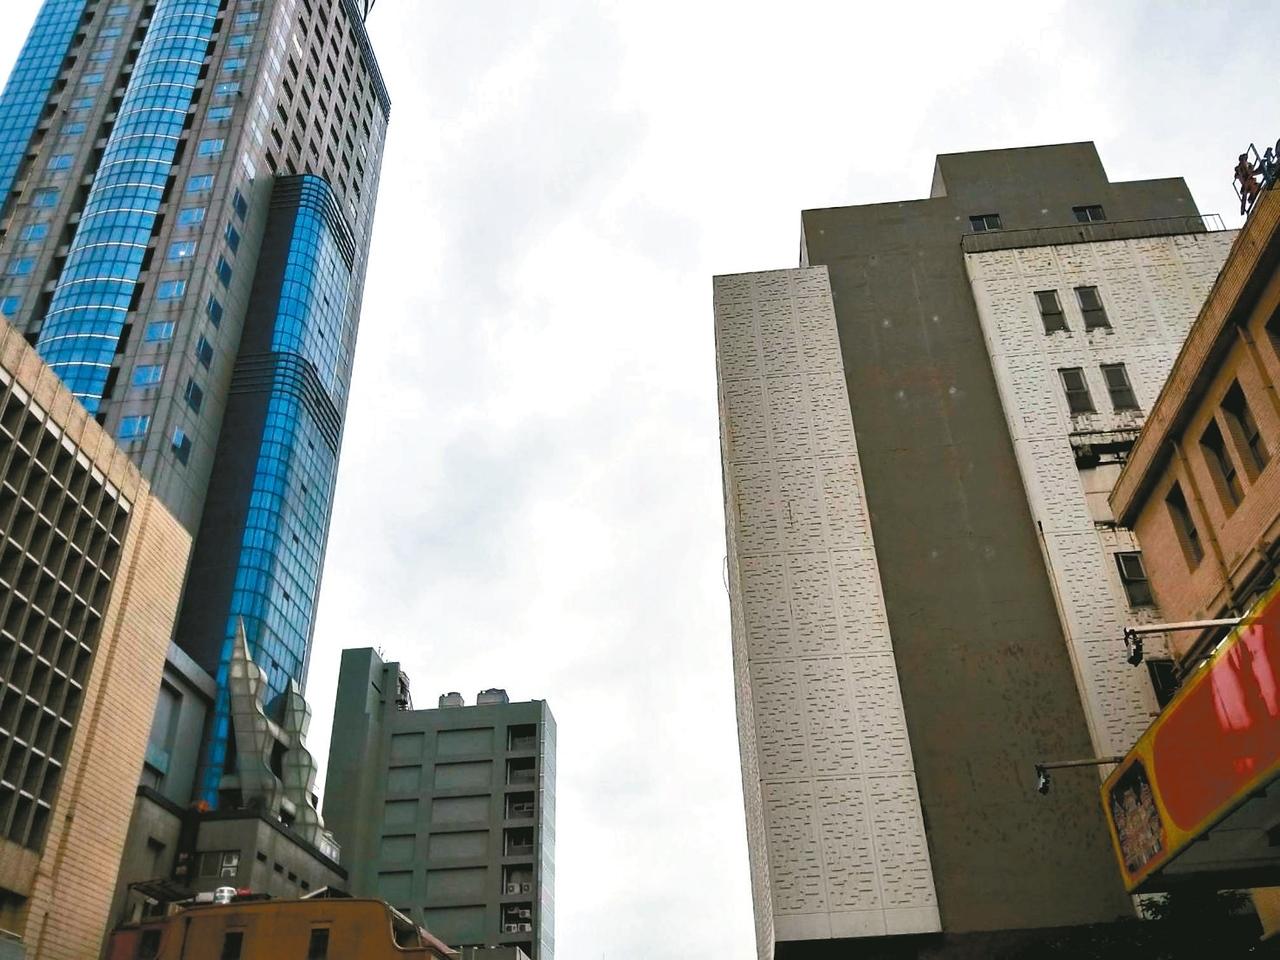 基隆文化中心(右棟)四周大樓林立,屋頂有一架掉落的空拍機,唯恐墜落傷人。 記者游明煌/攝影